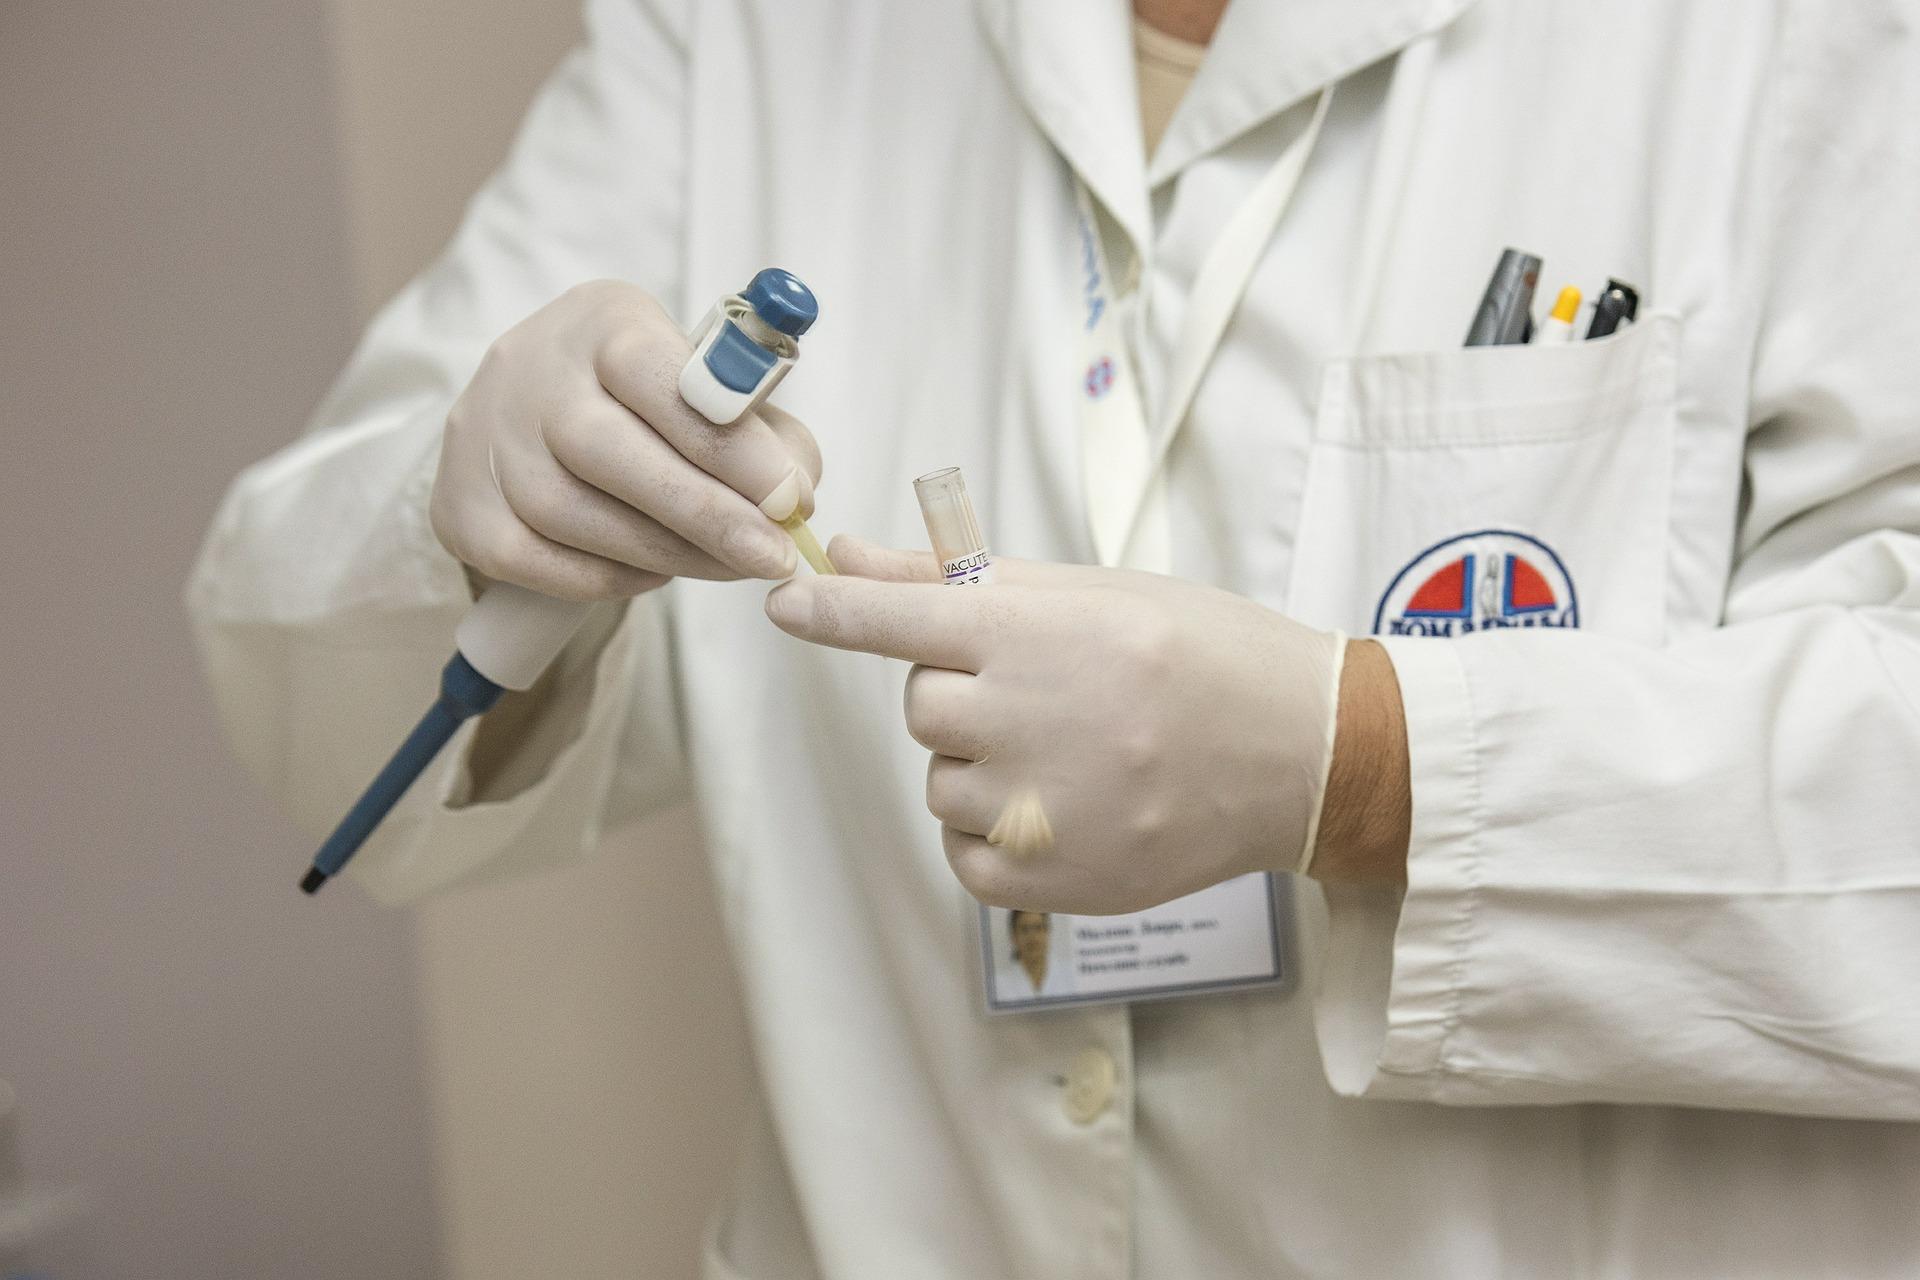 【重磅发布】行业人才哪里来?2021生物医药产业招聘白皮书揭秘